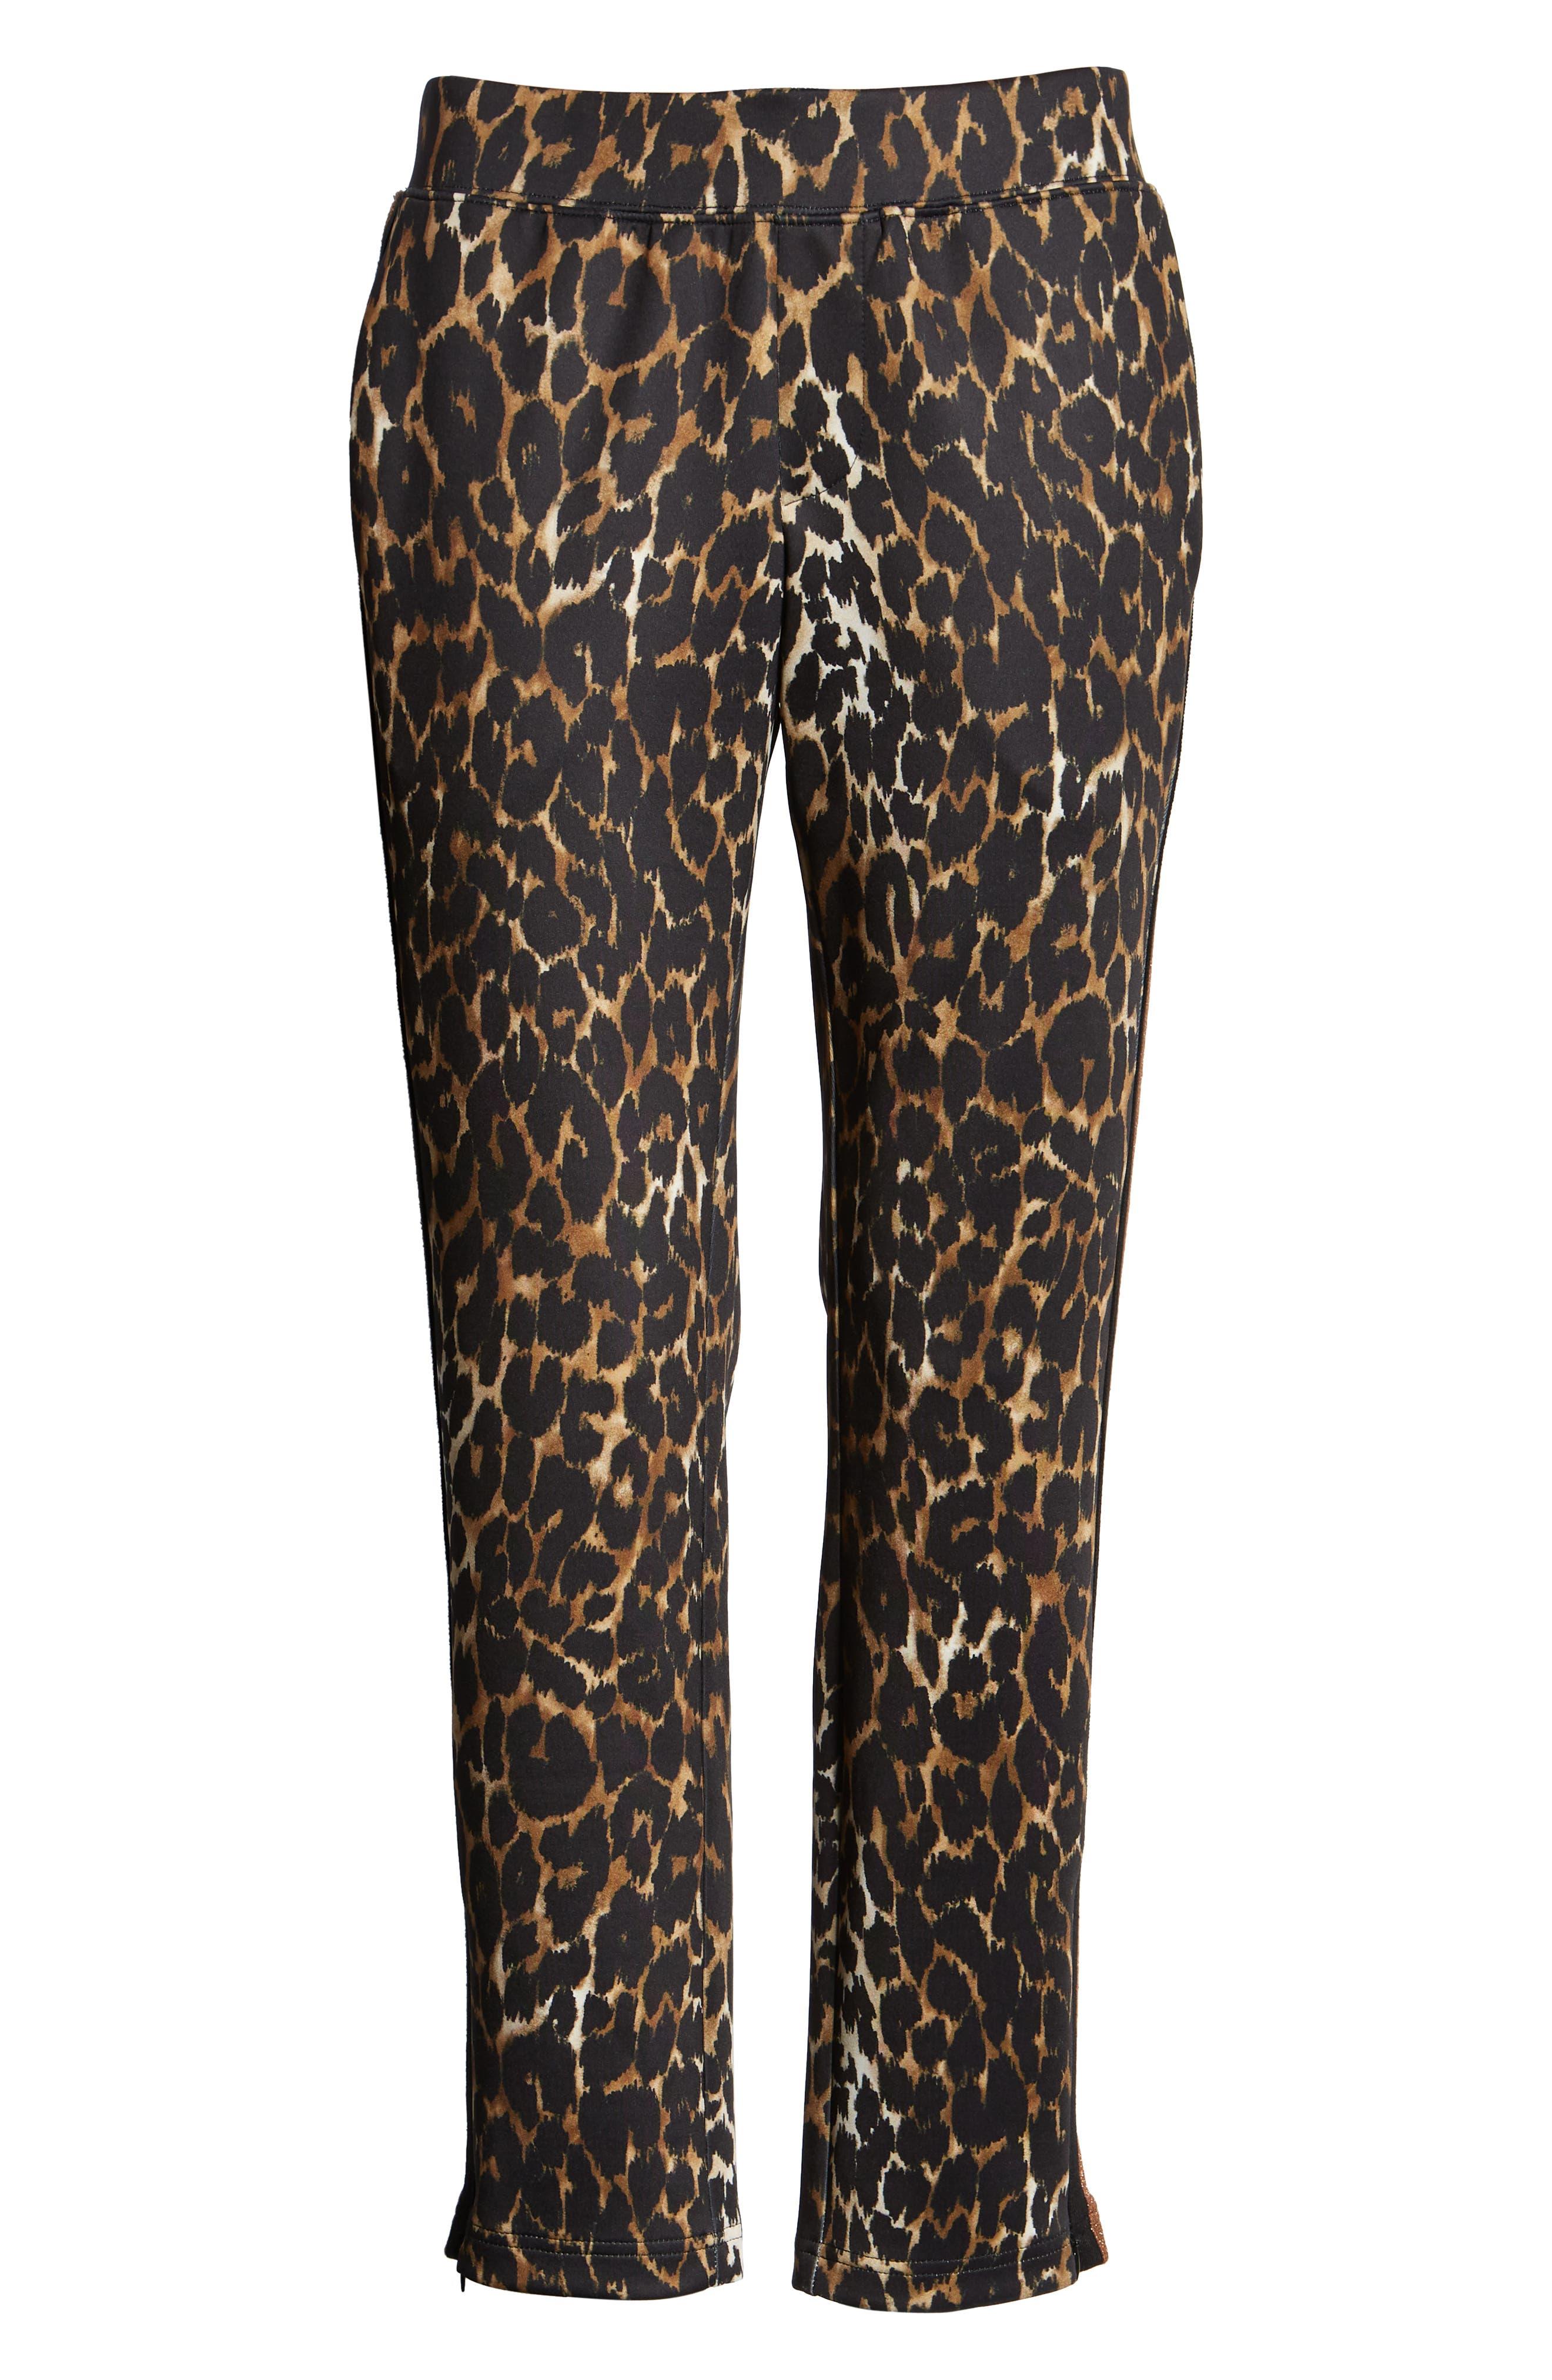 Leopard Track Pants,                             Alternate thumbnail 7, color,                             LEOPARD